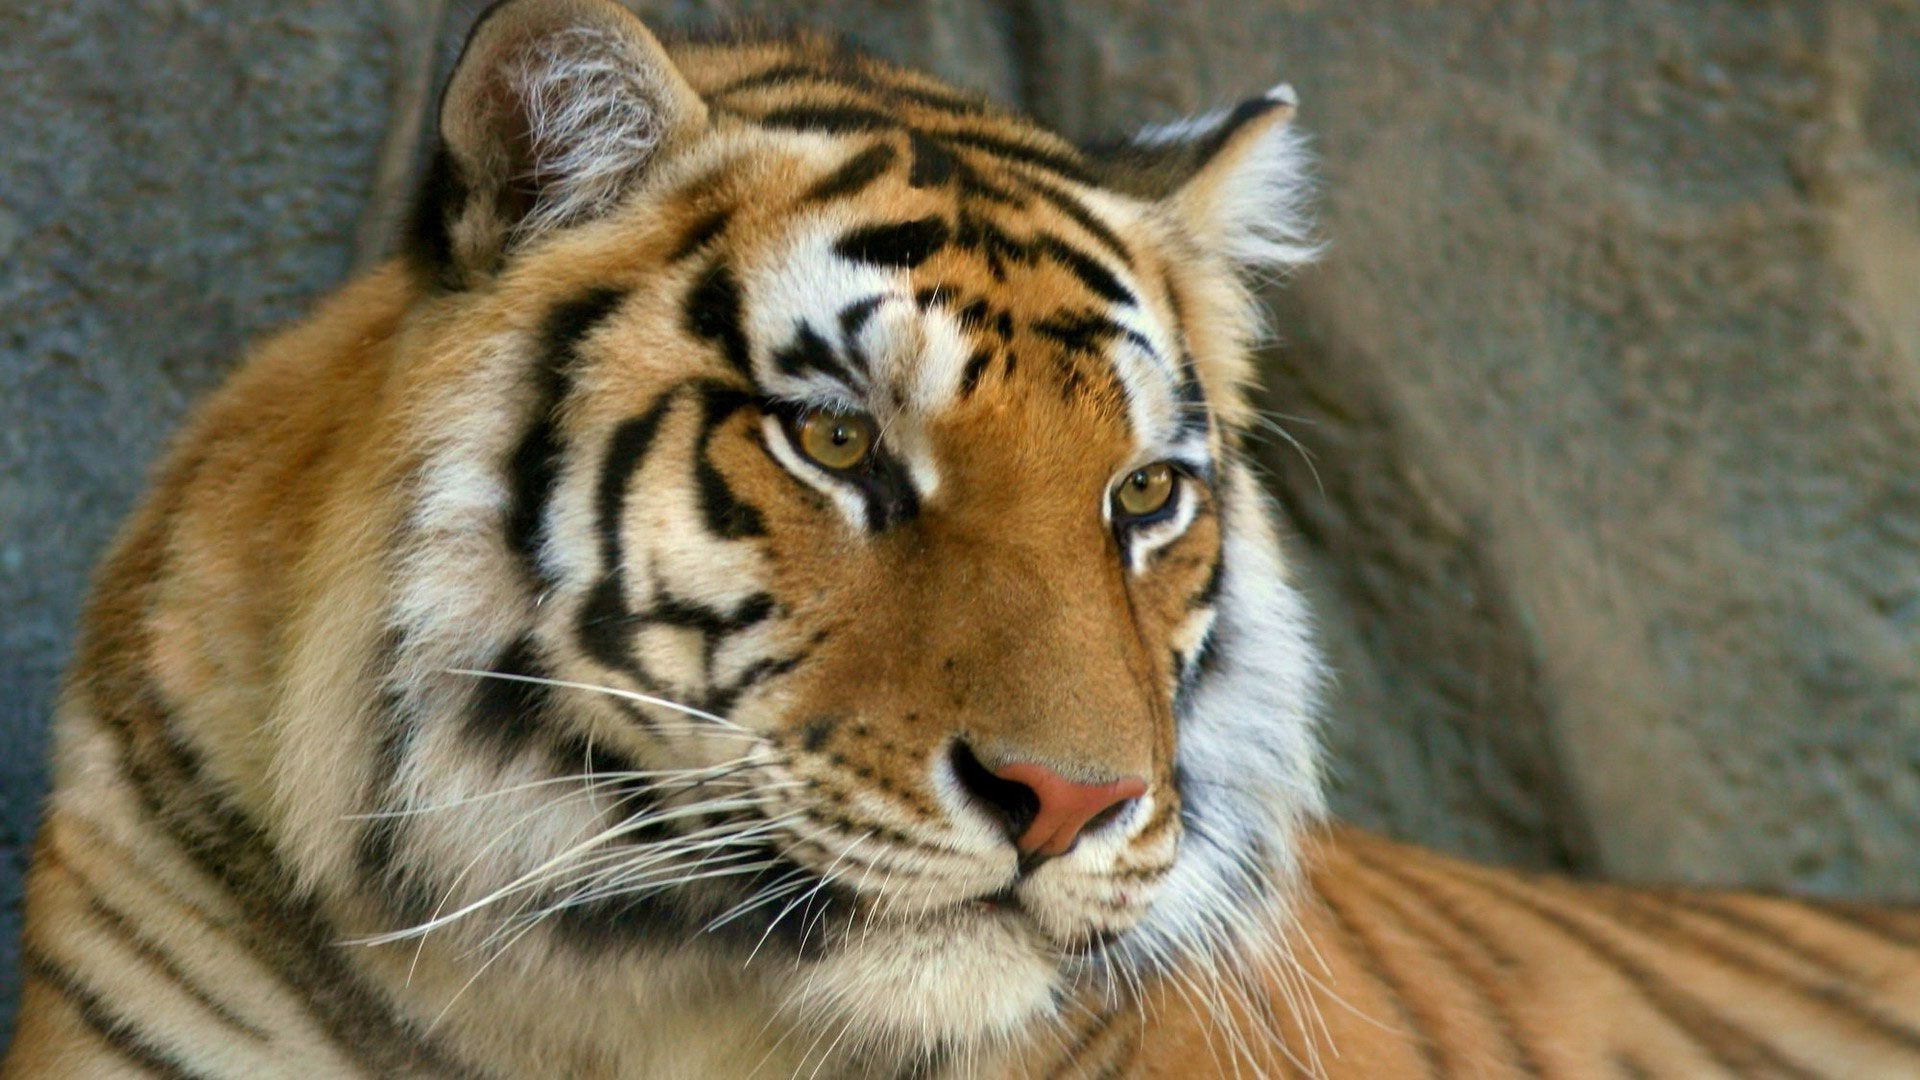 62698 papel de parede 320x480 em seu telefone gratuitamente, baixe imagens Animais, Focinho, Olhos, Olho, Predator, Predador, Tigre, Bigode 320x480 em seu celular